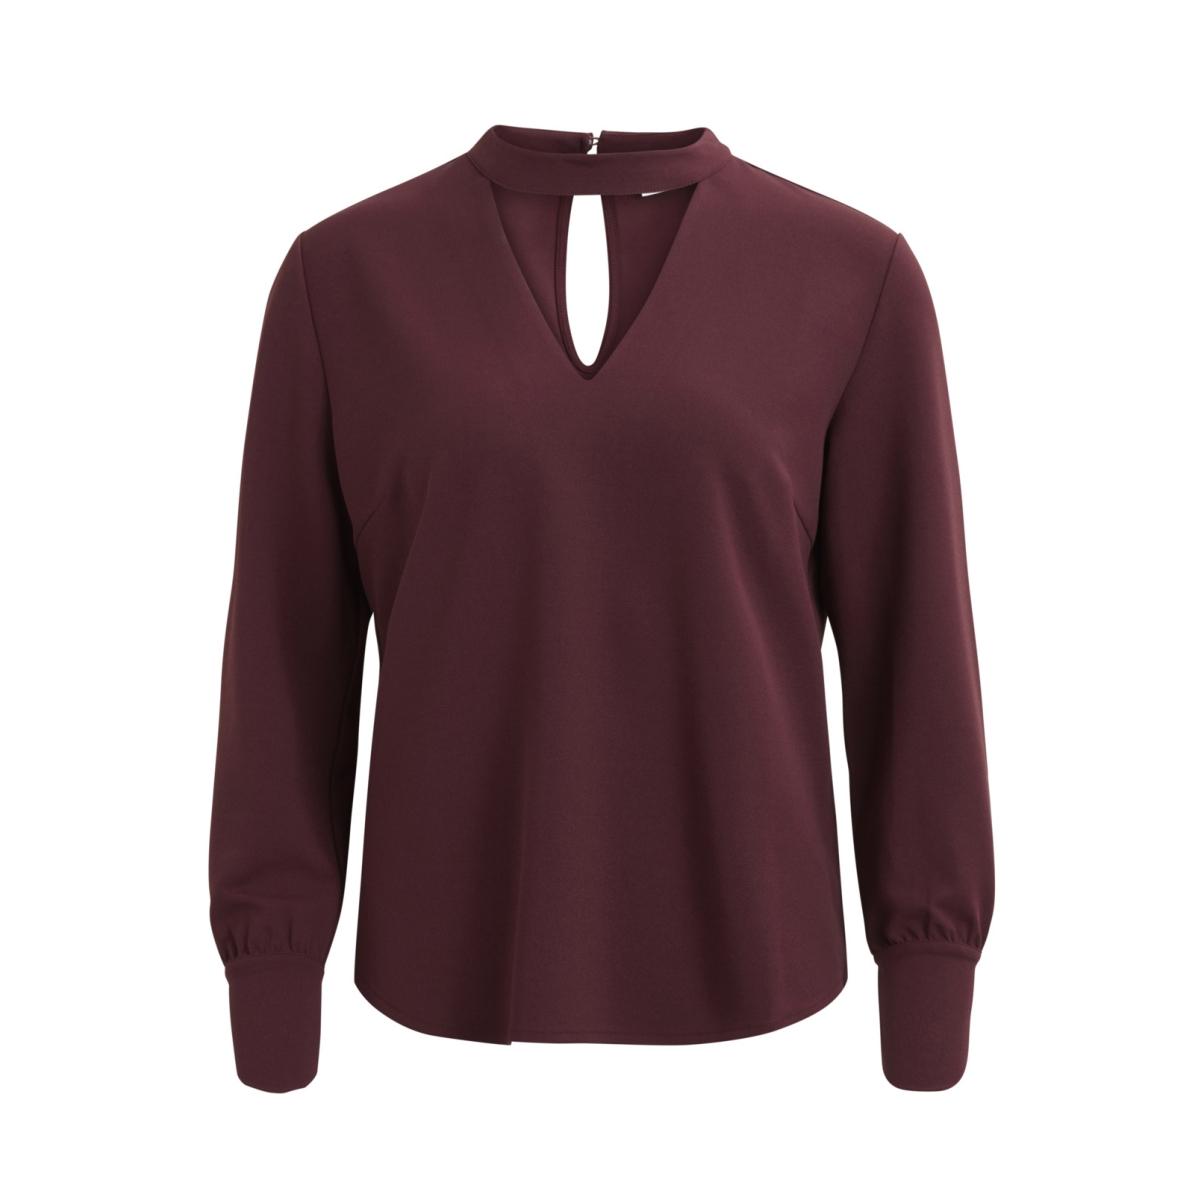 vikadidan l/s v-neck top 14043964 vila blouse fig